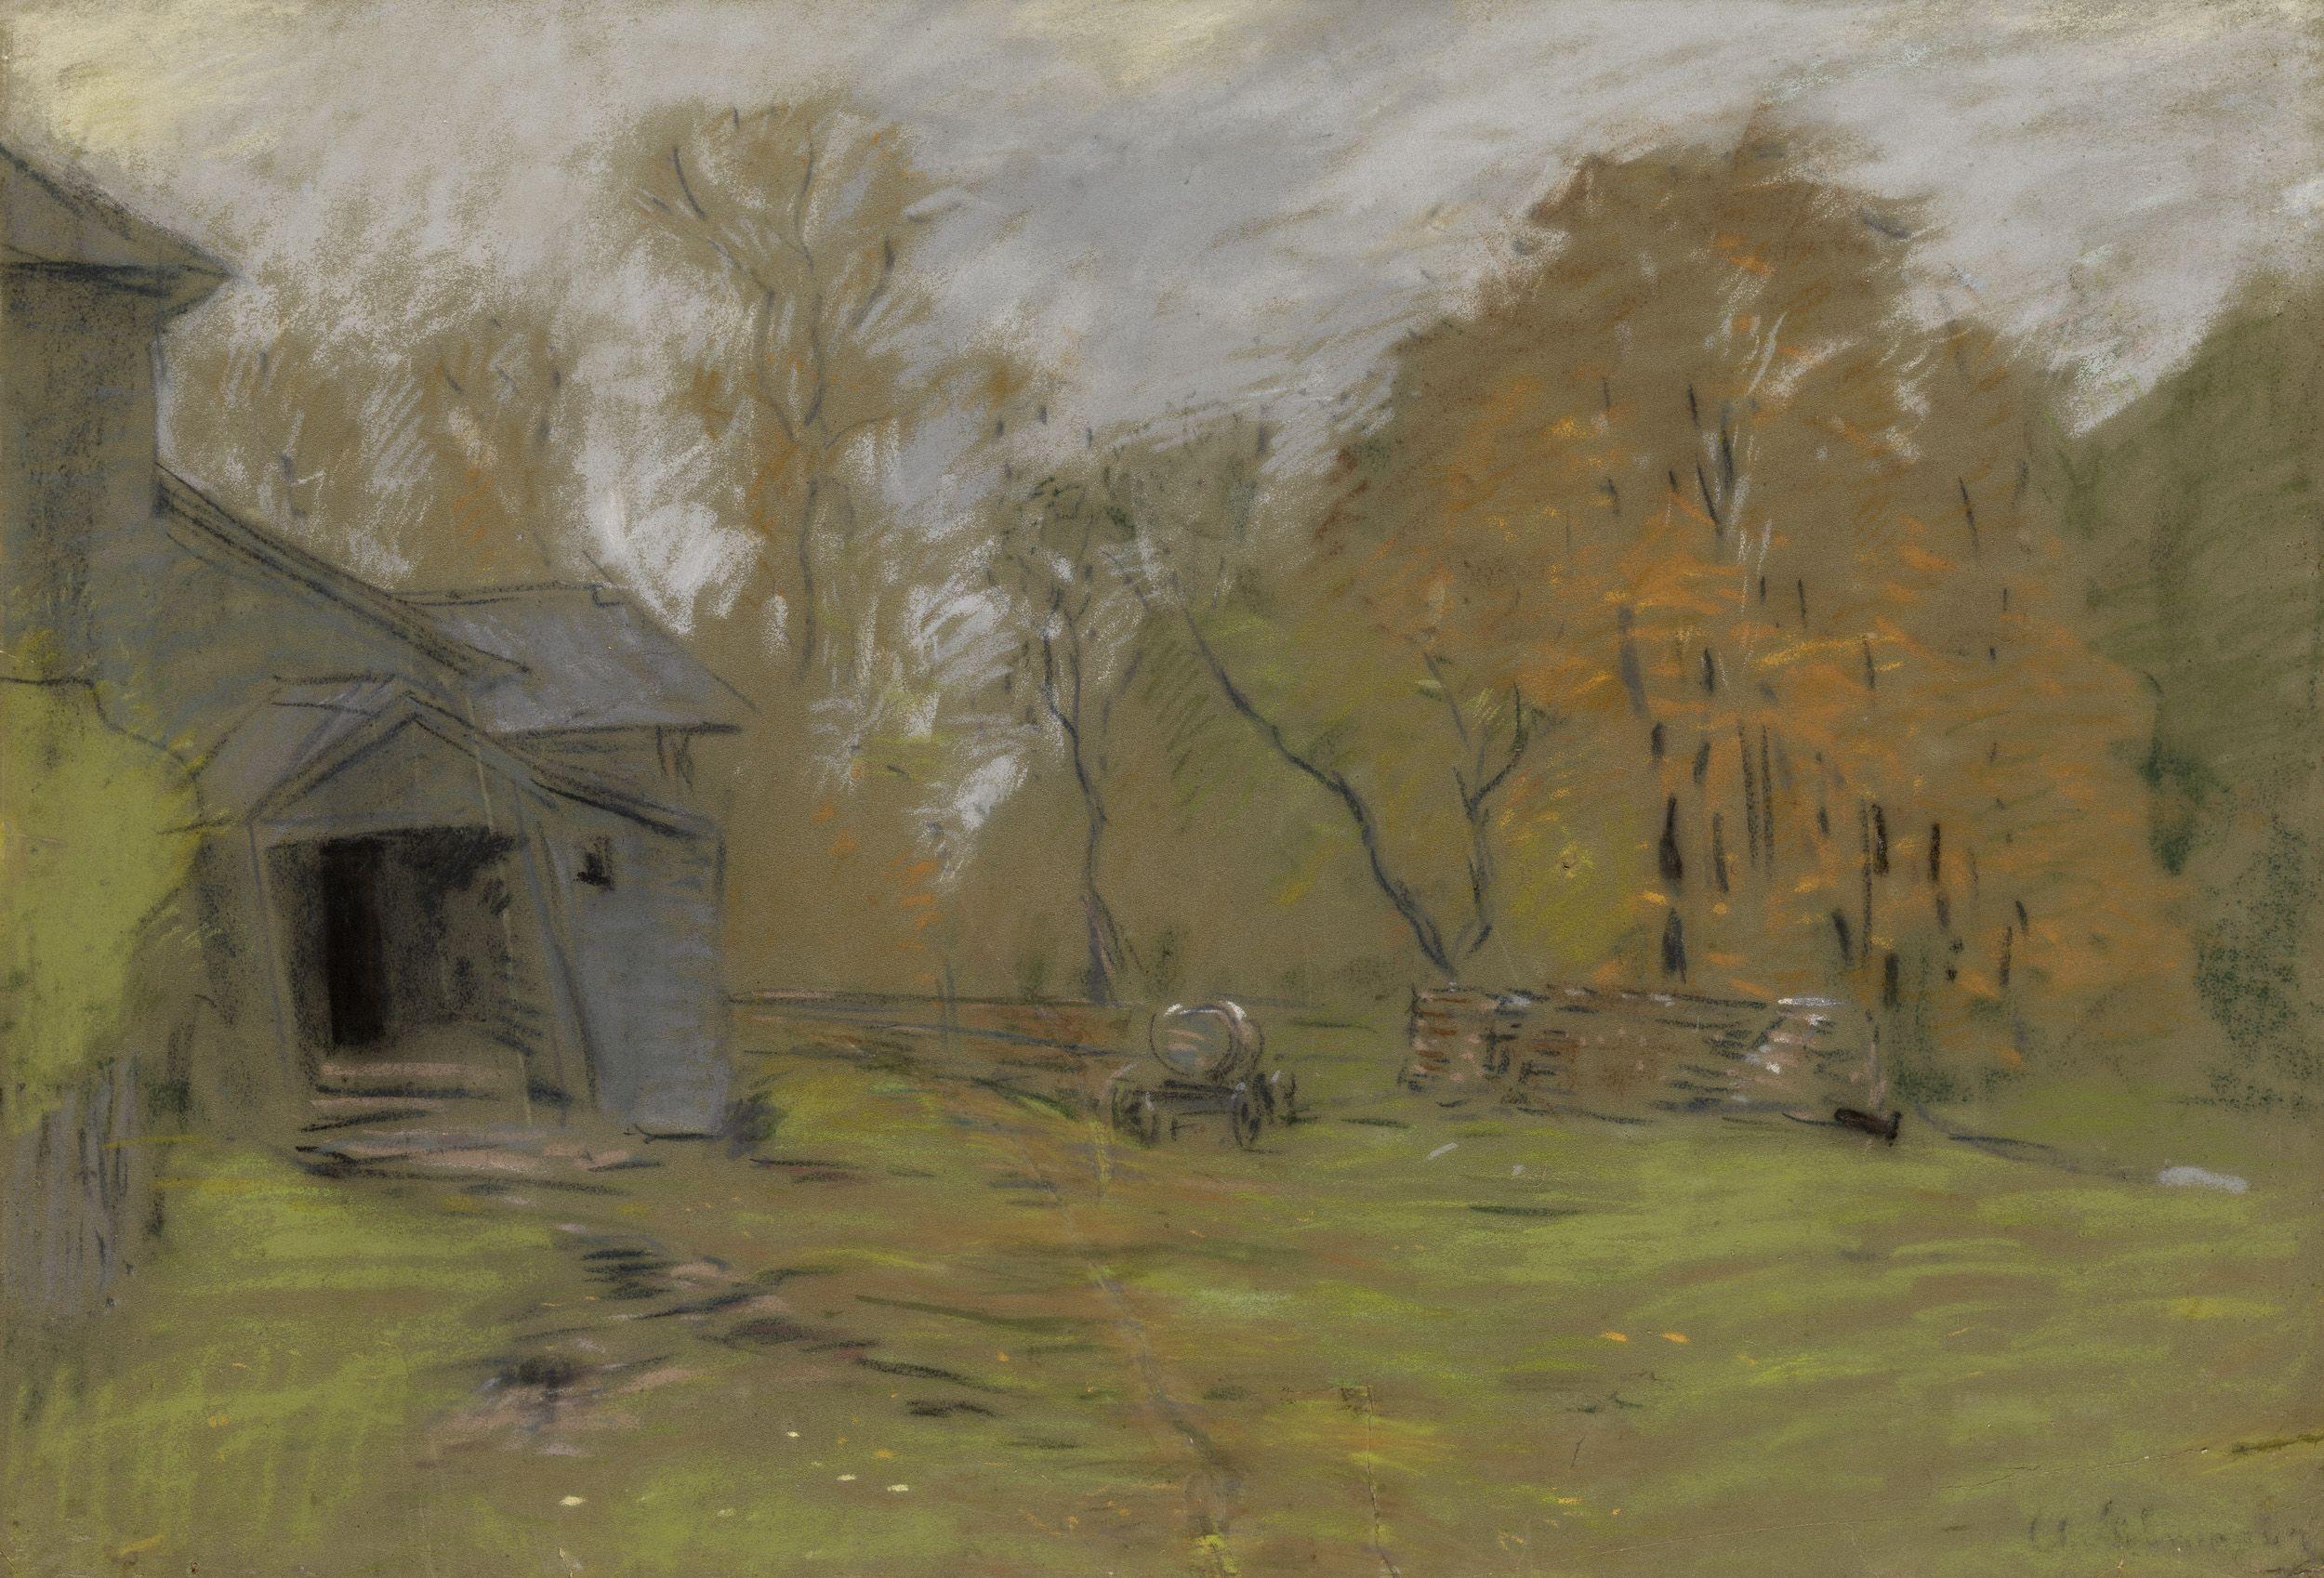 Lot 72 Isaak Levitan, Autumn